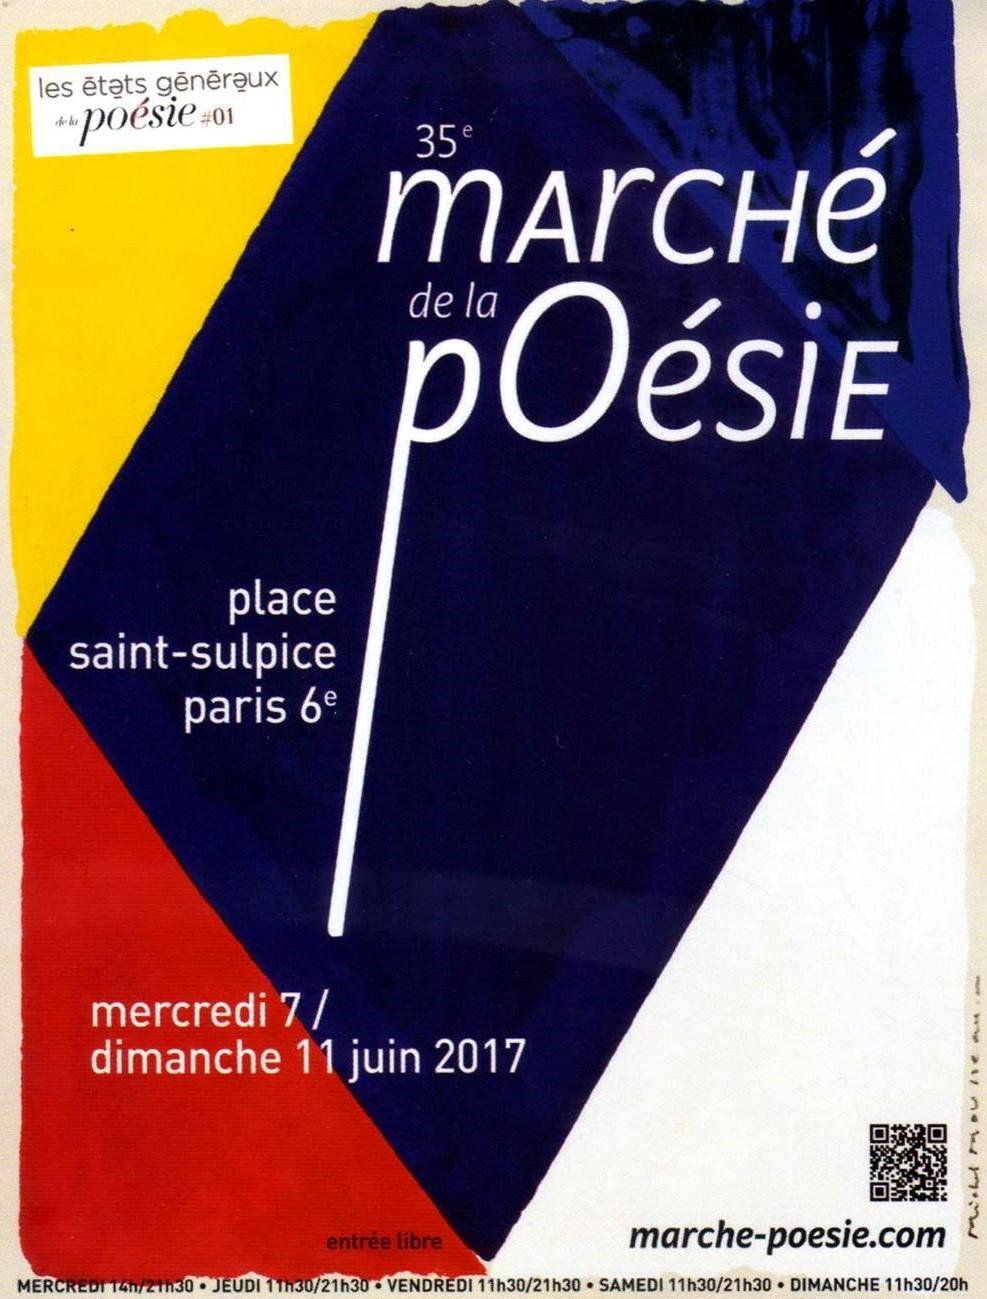 ÉDITIONS LE CADRAN LIGNÉ au 35ème Marché de la poésie, Place SAINT-SULPICE, PARIS 6ème